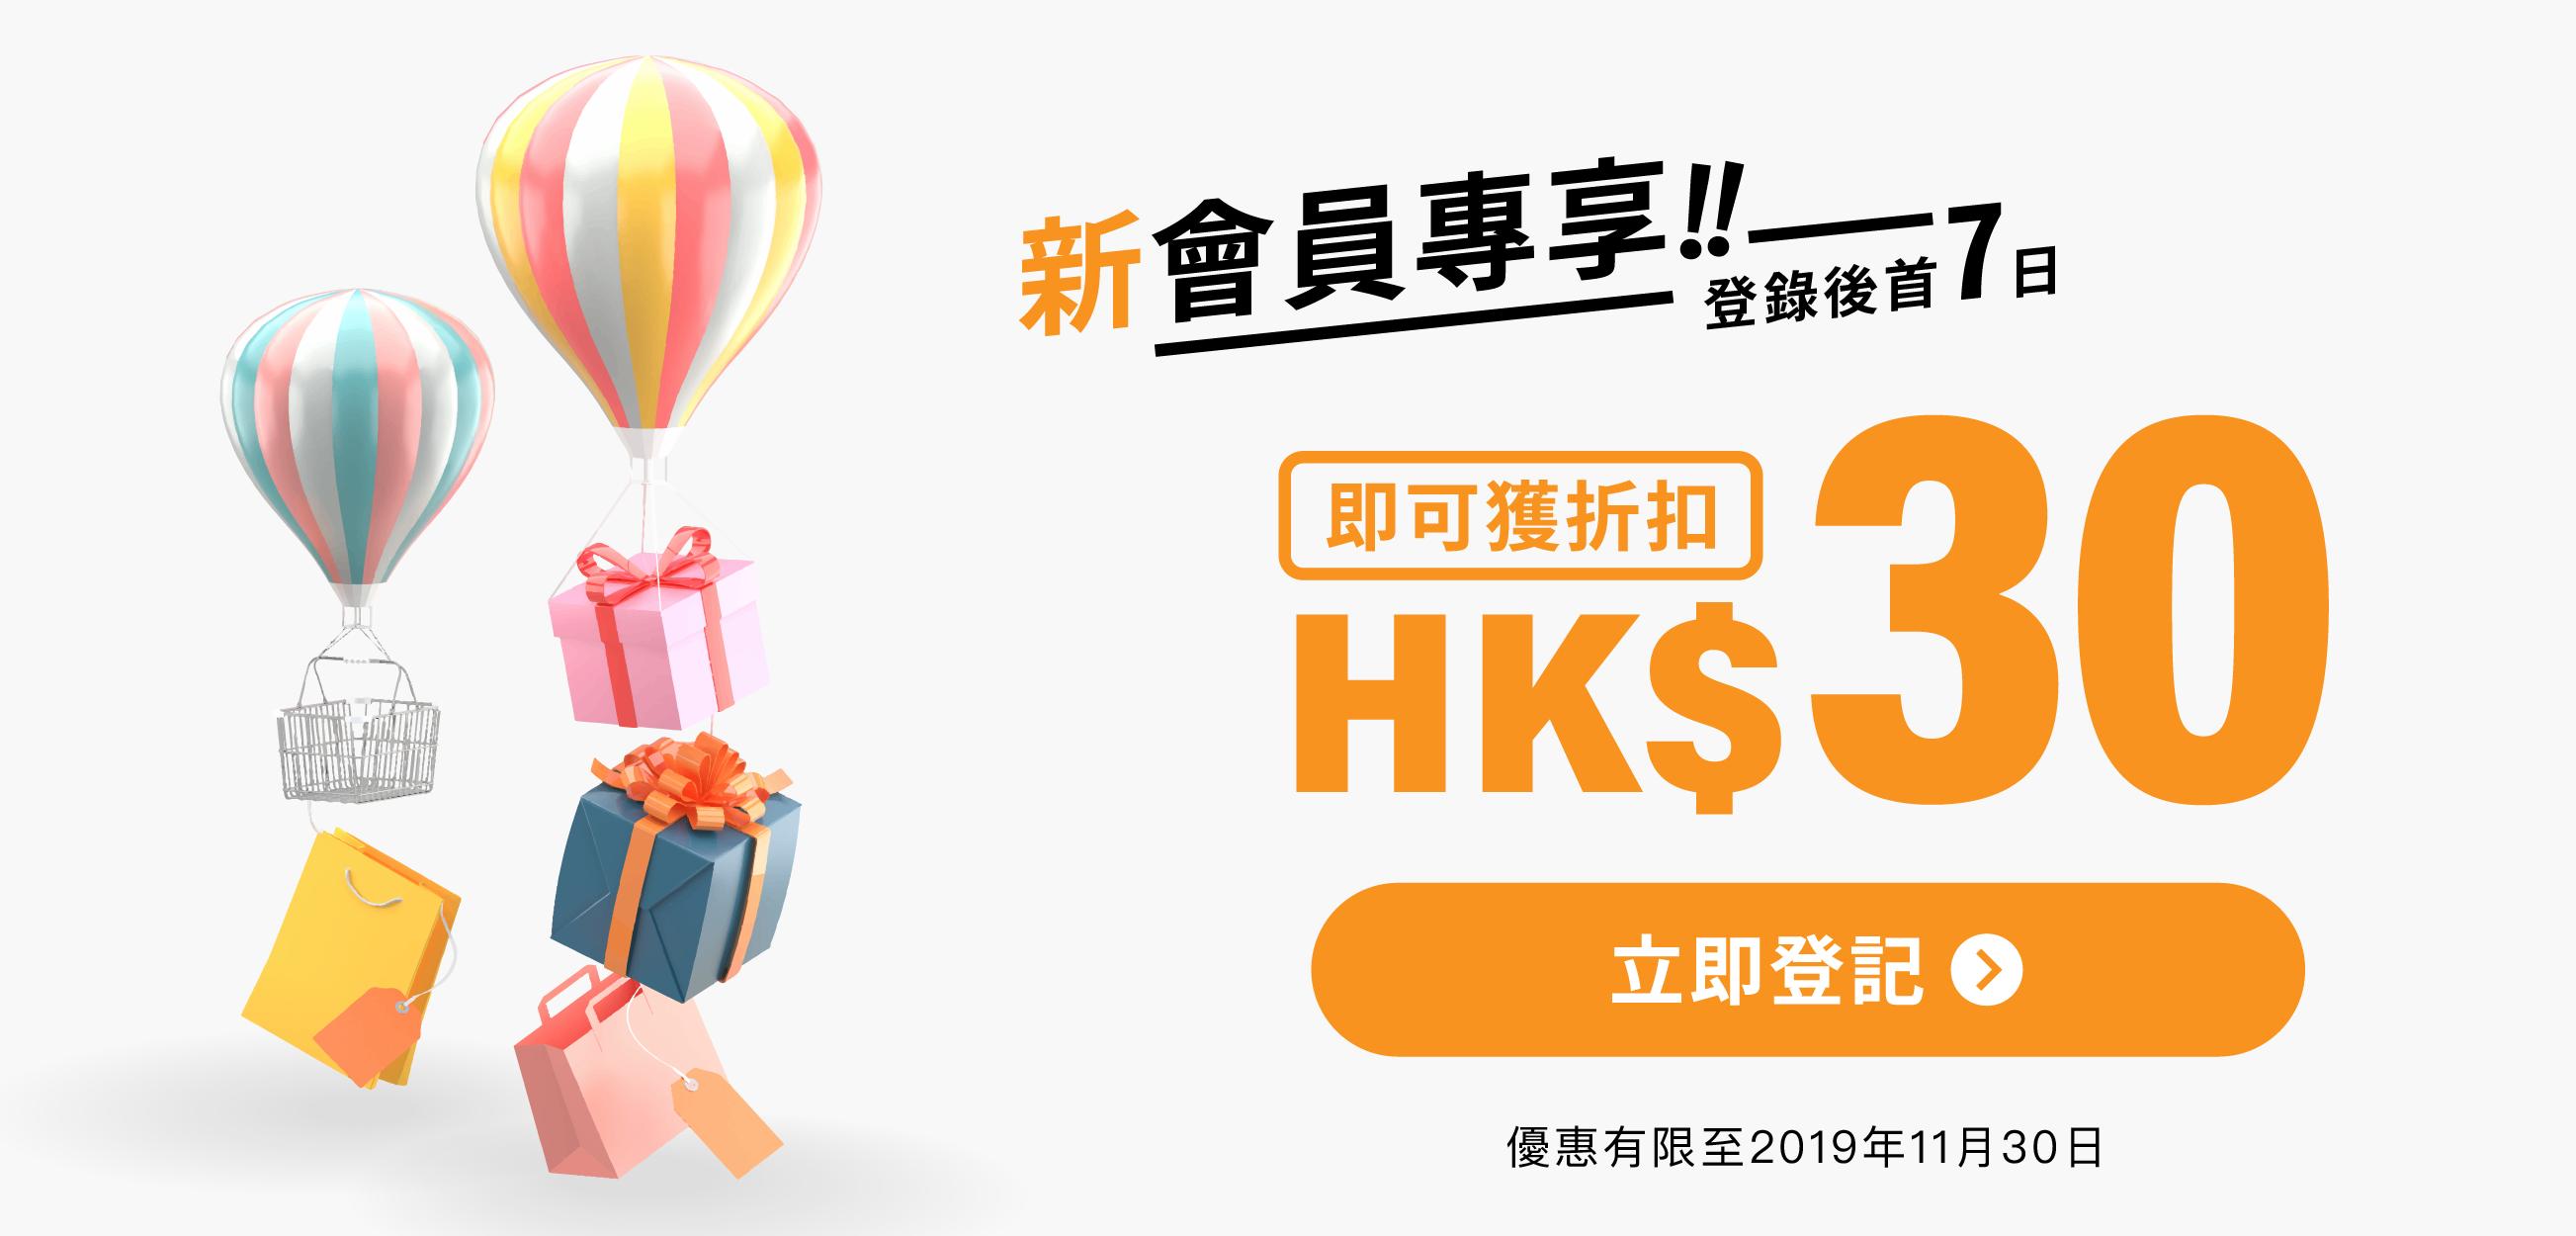 登記成為全新貴茶網店會員,首7天購買任何茶品,即可享有HK$30優惠。按這裡立即登記啦!